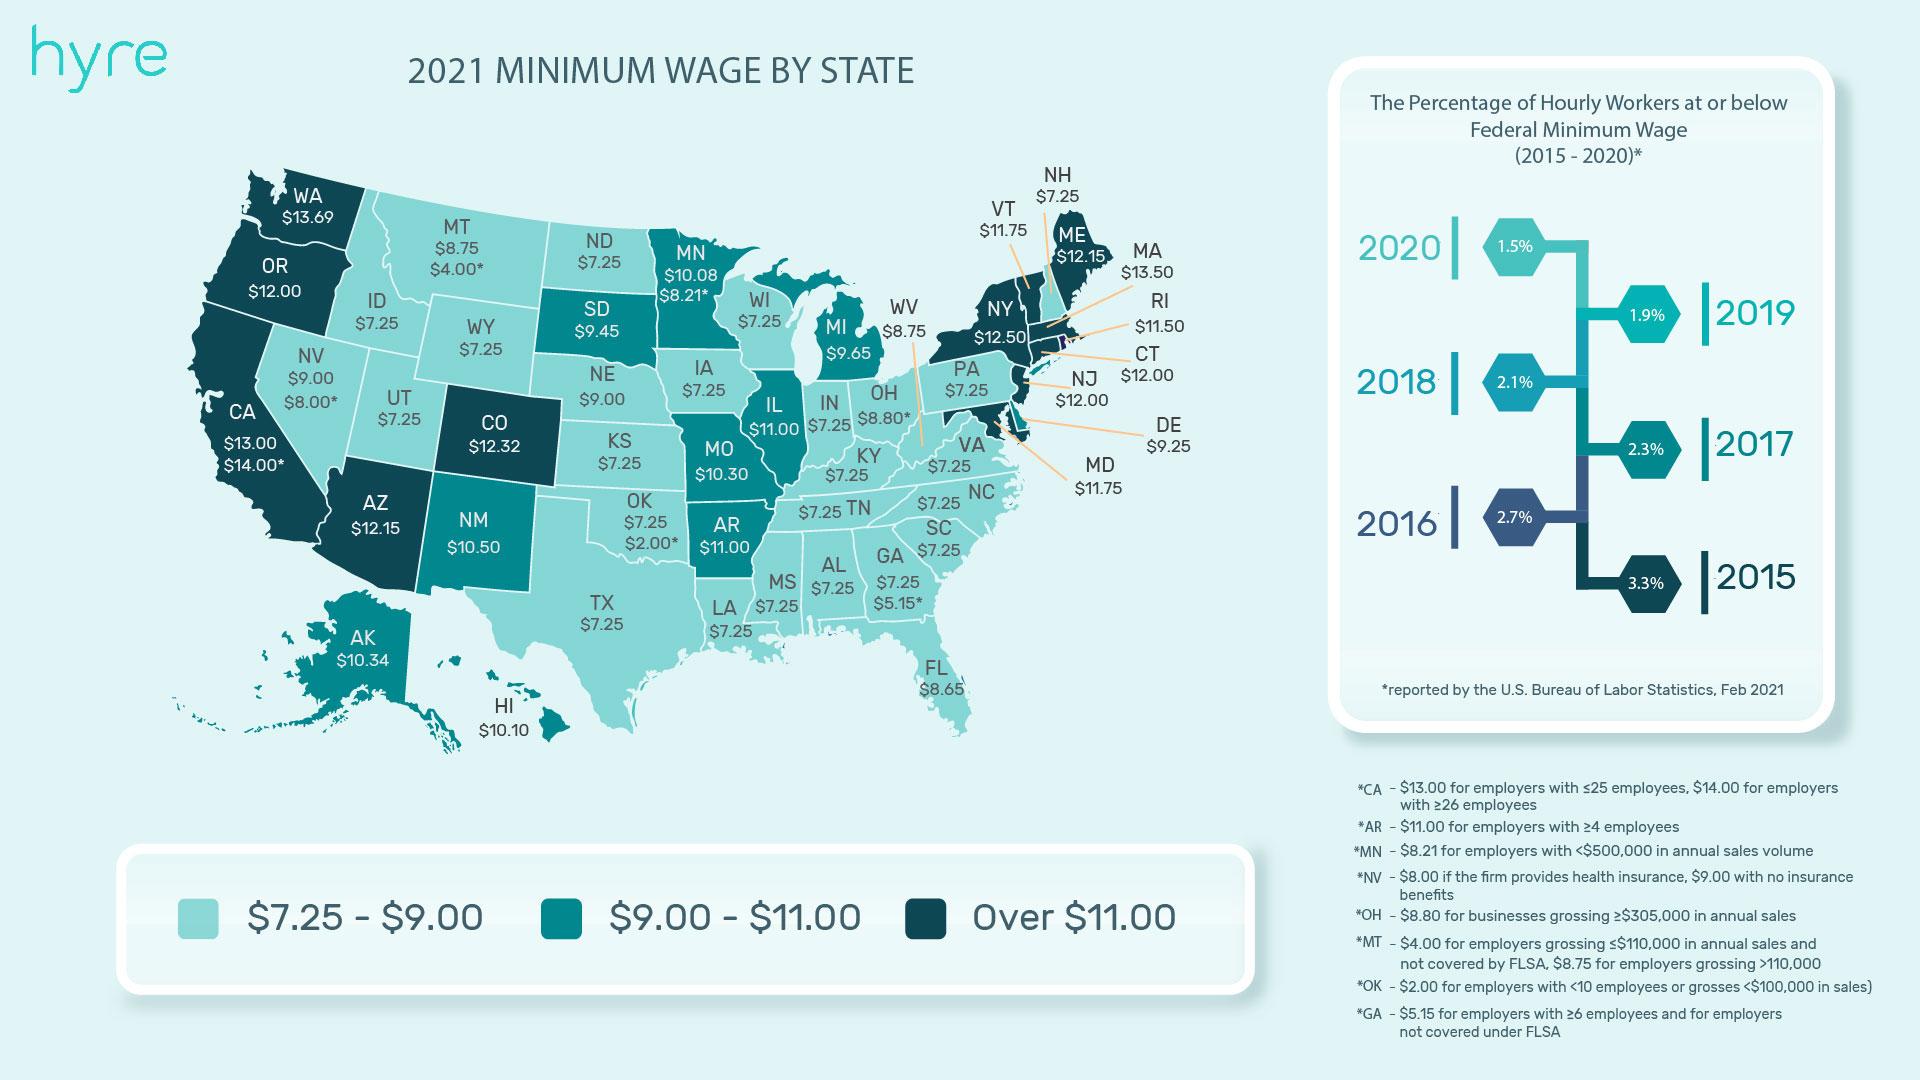 2021 minimum wage by state